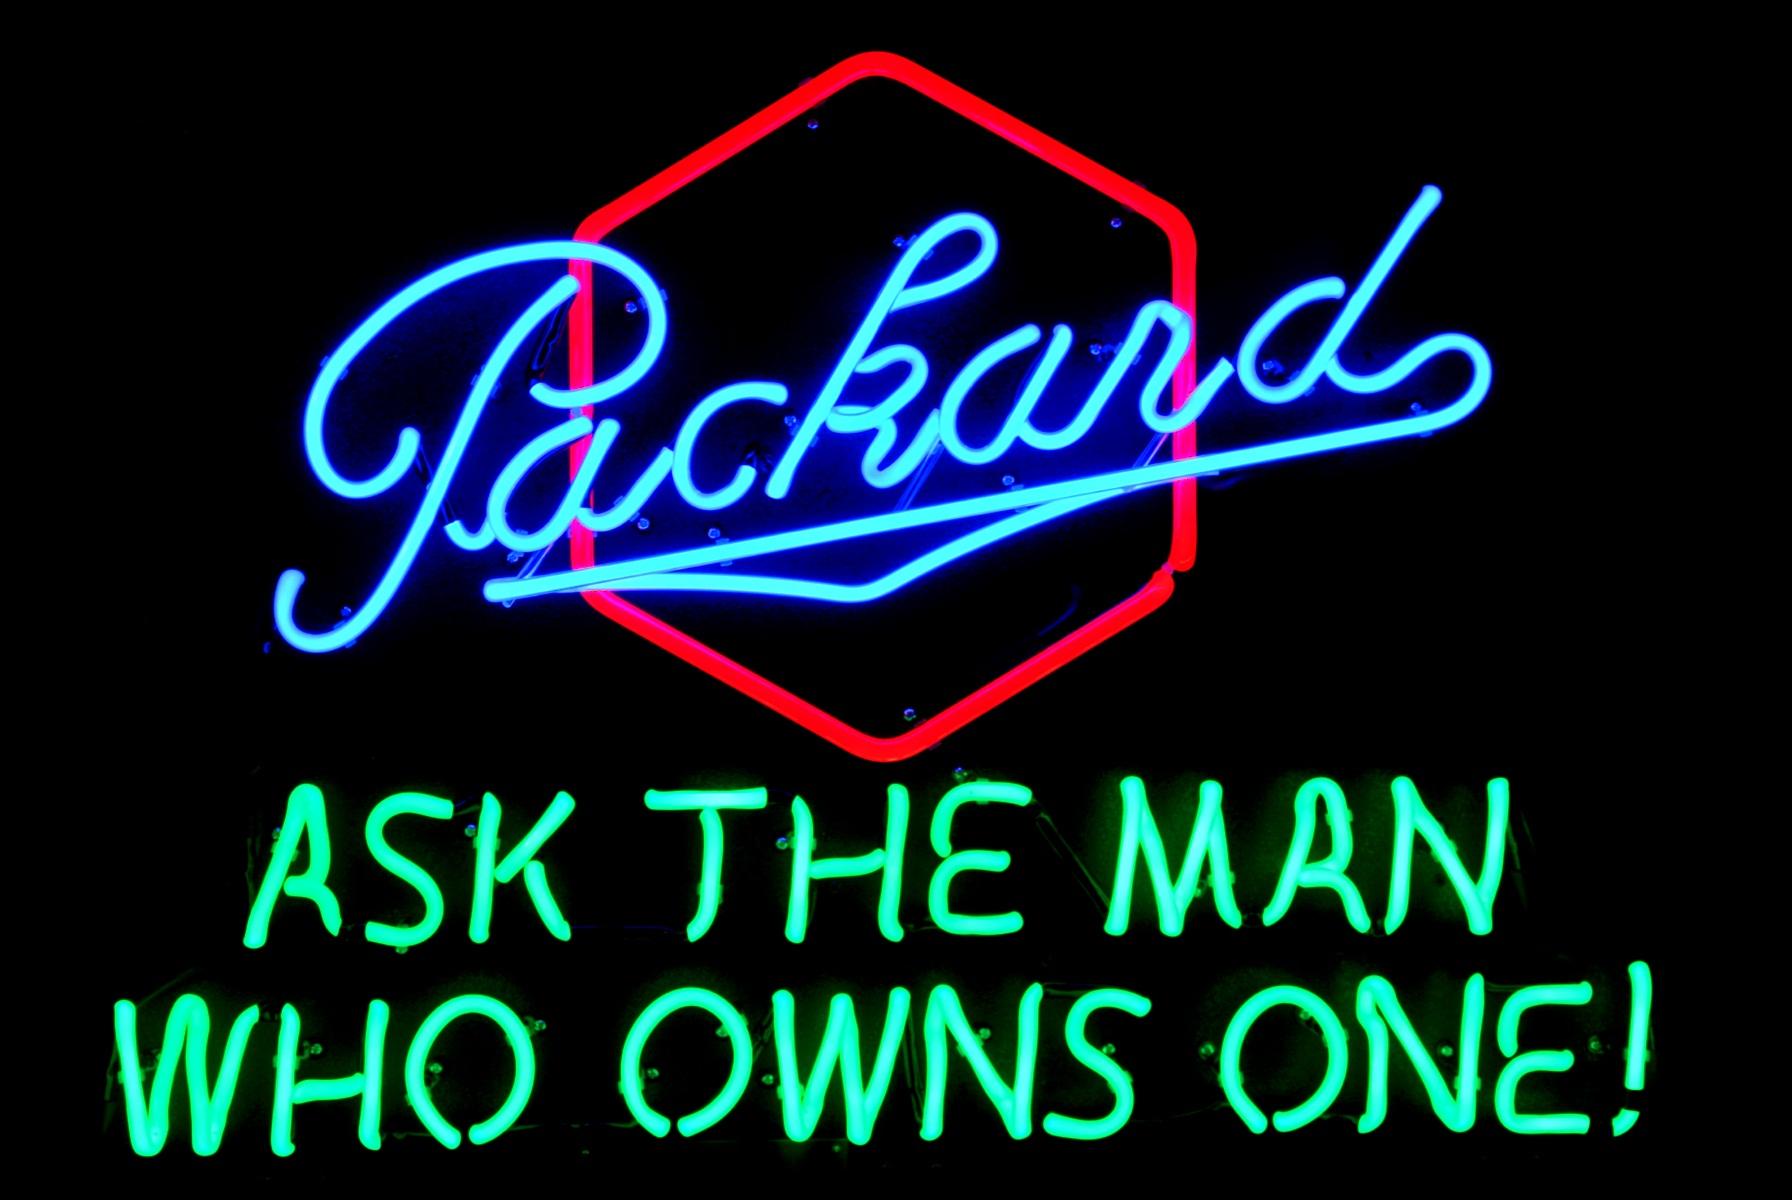 Packard Proving Grounds Building - Packard Neon Sign by John Barton - former Packard New Car Dealer